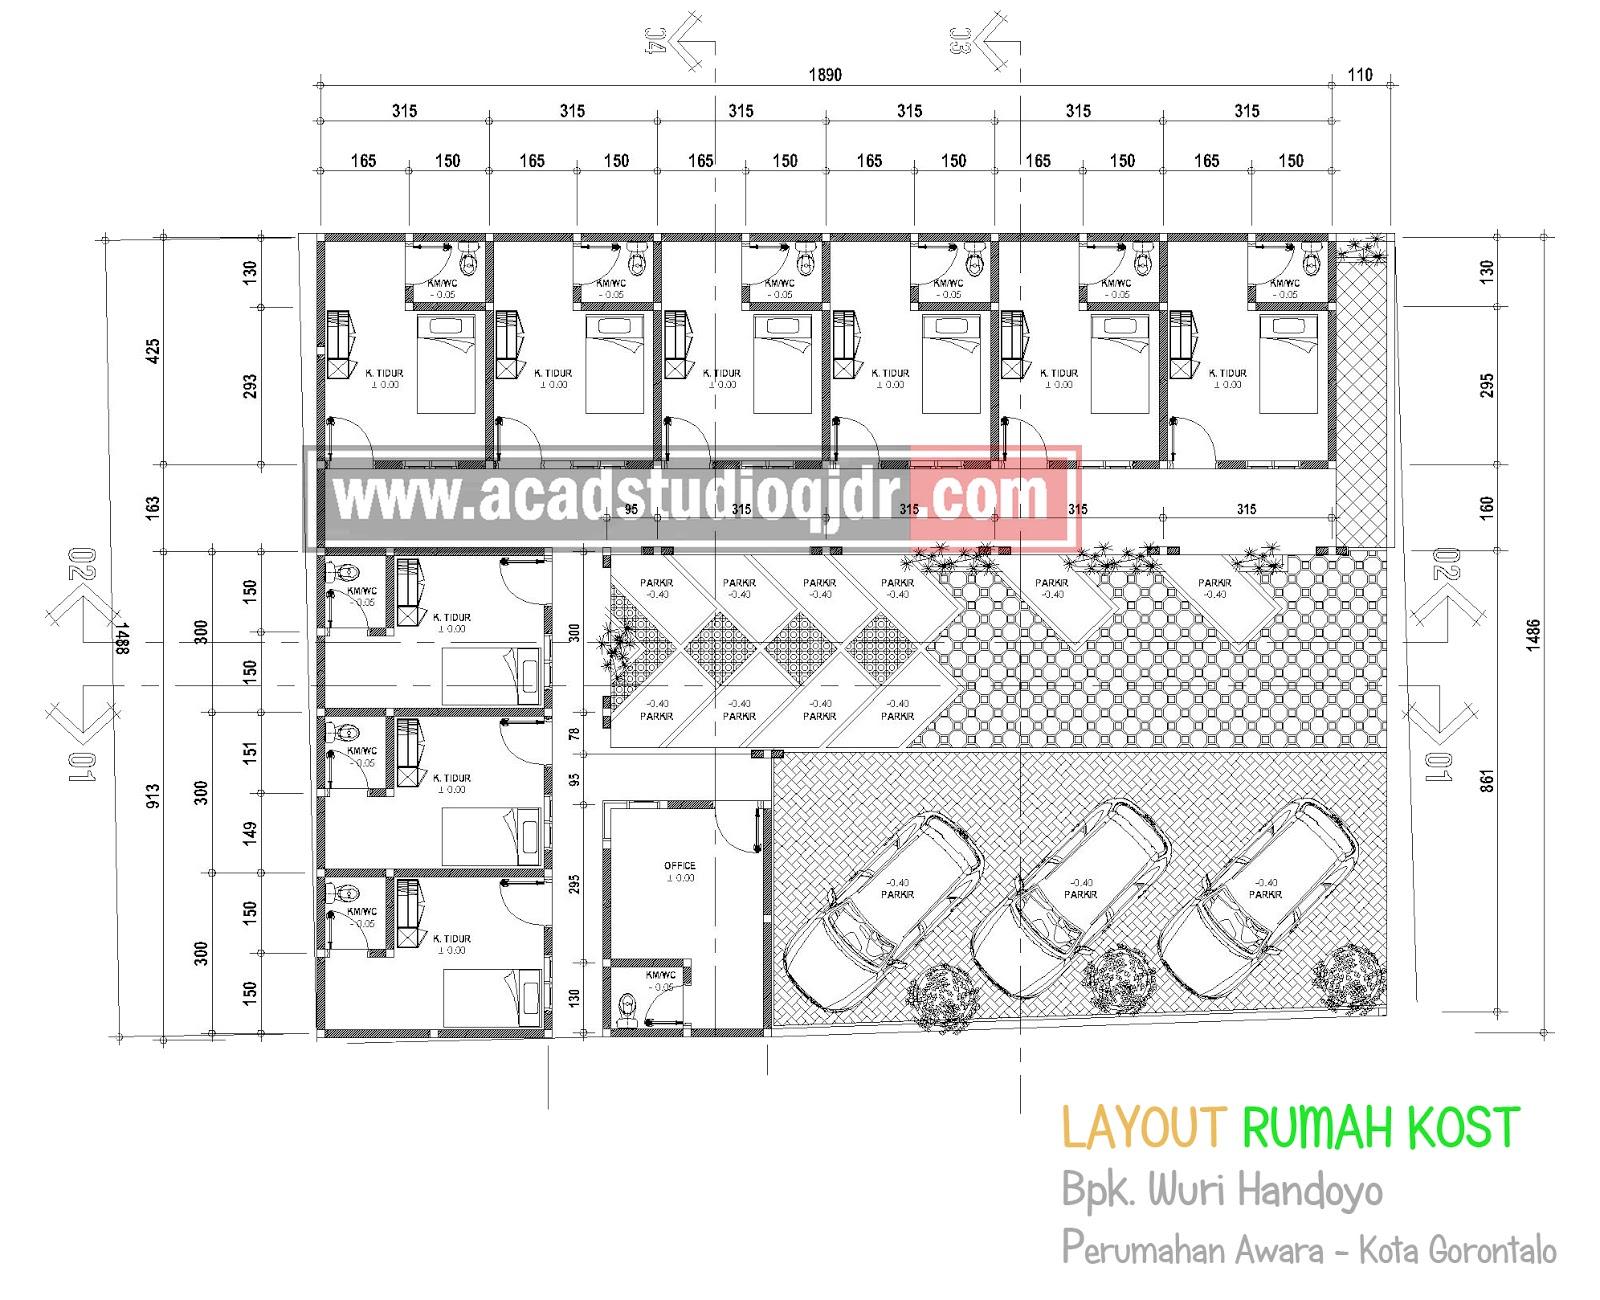 Desain Rumah Kost Bpk Wuri Handoyo Jasa Desain Rumah